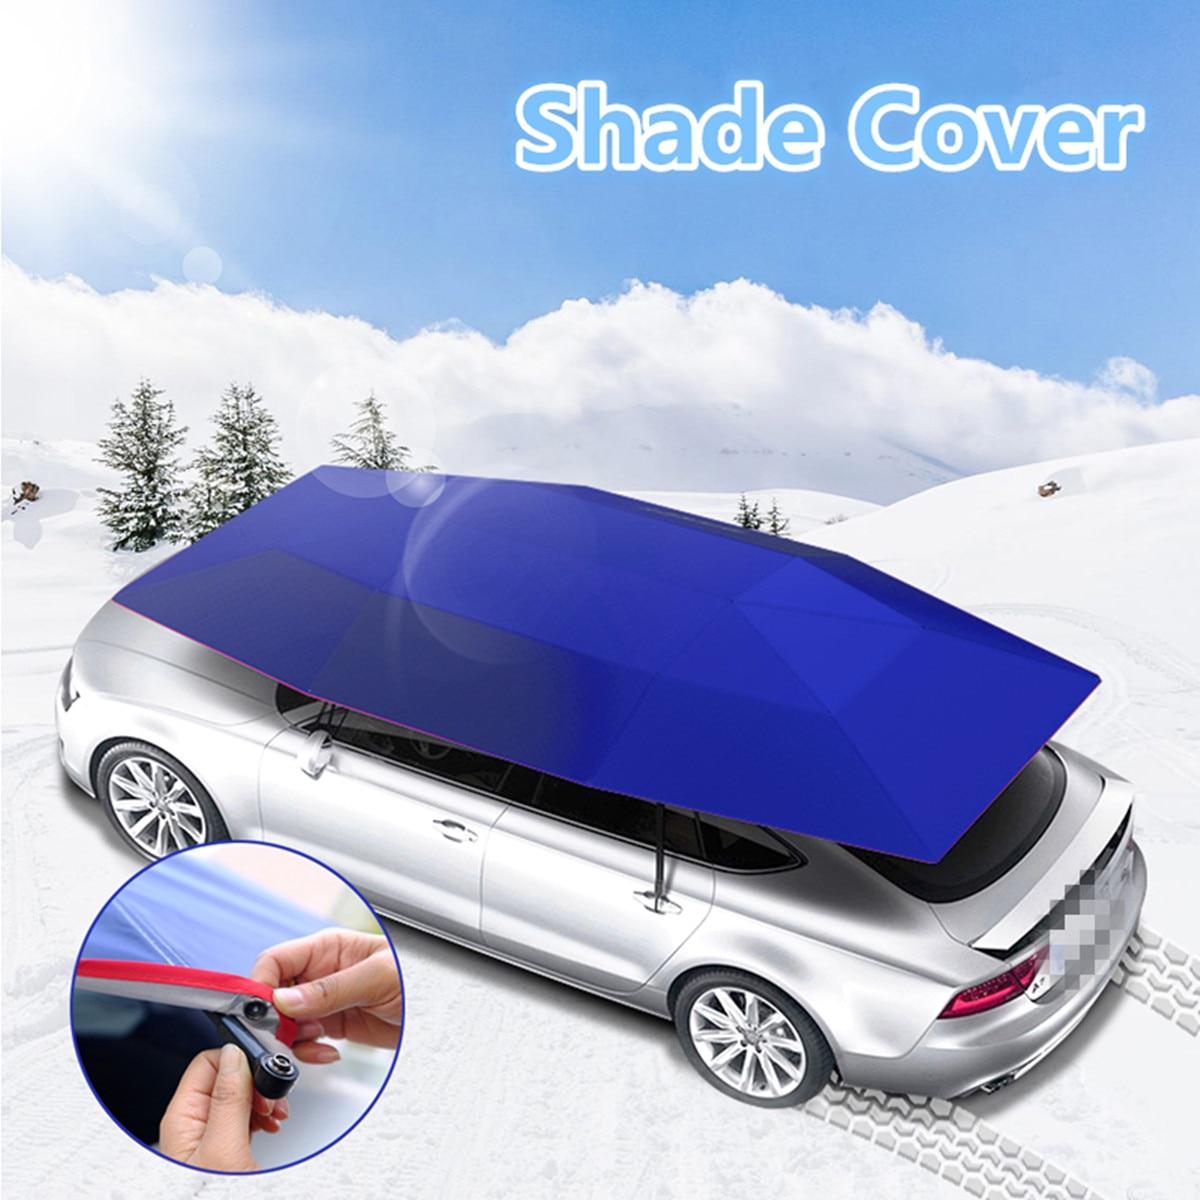 Voiture parapluie soleil ombre couverture extérieure voiture véhicule tente Oxford tissu Polyester couvre 400x210 cm bleu/argent sans support